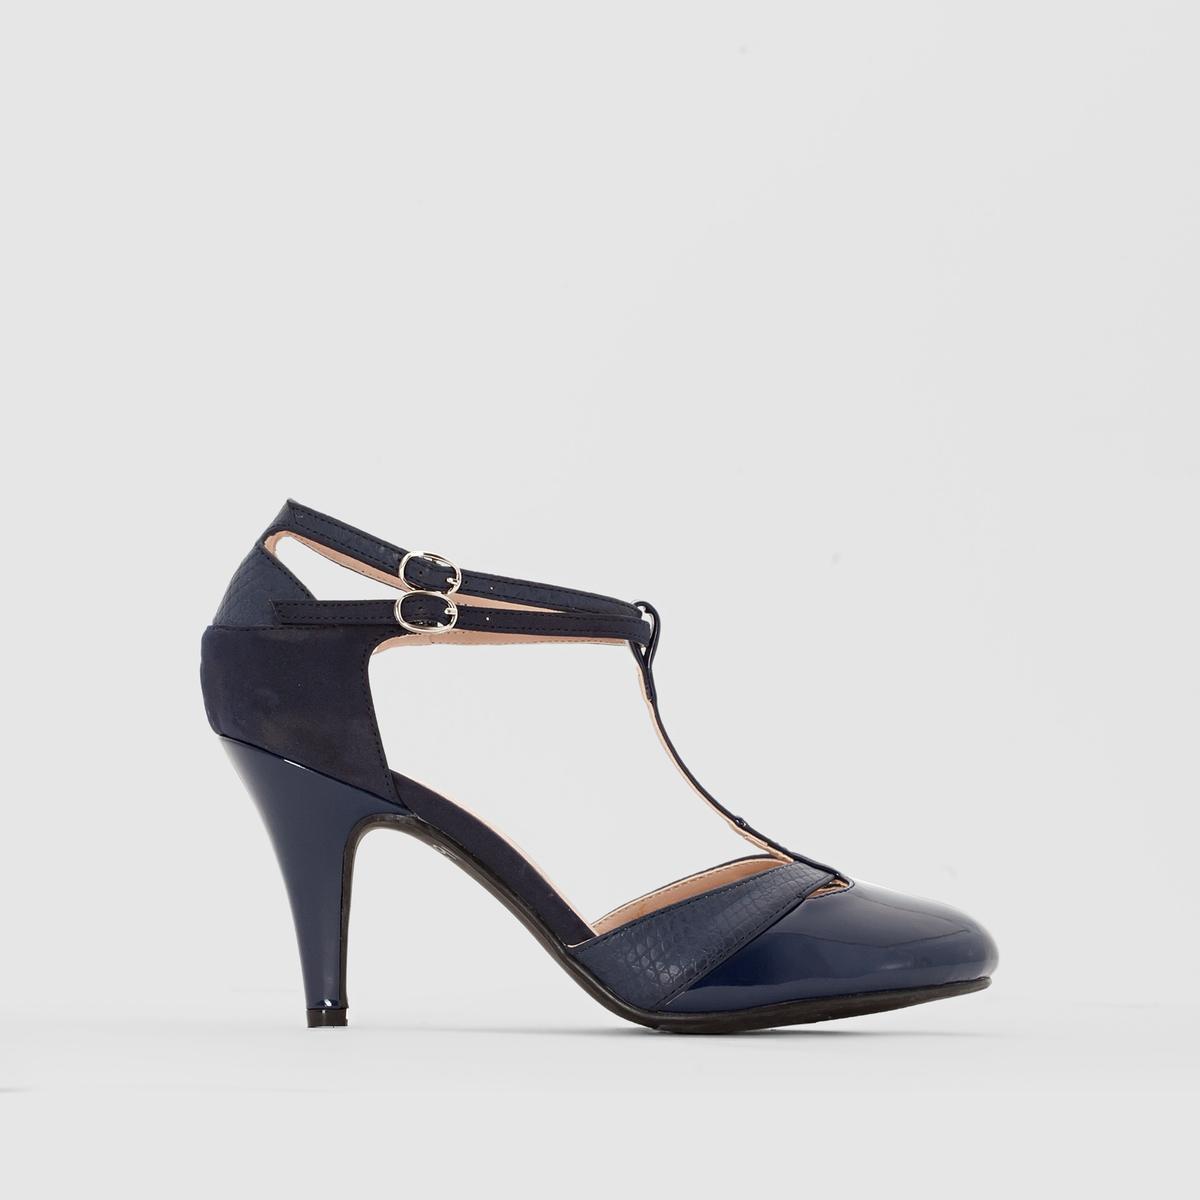 Туфли на каблукеМарка : CASTALUNAПодходит : для широкой стопы.Верх : искусственная замша, лакированная синтетика под кожу питона.Подкладка : синтетикаСтелька : кожа.Подошва : из эластомера .Каблук  : 8,5 см.Преимущества : Идеальны для повседневной одежды.<br><br>Цвет: синий морской<br>Размер: 45